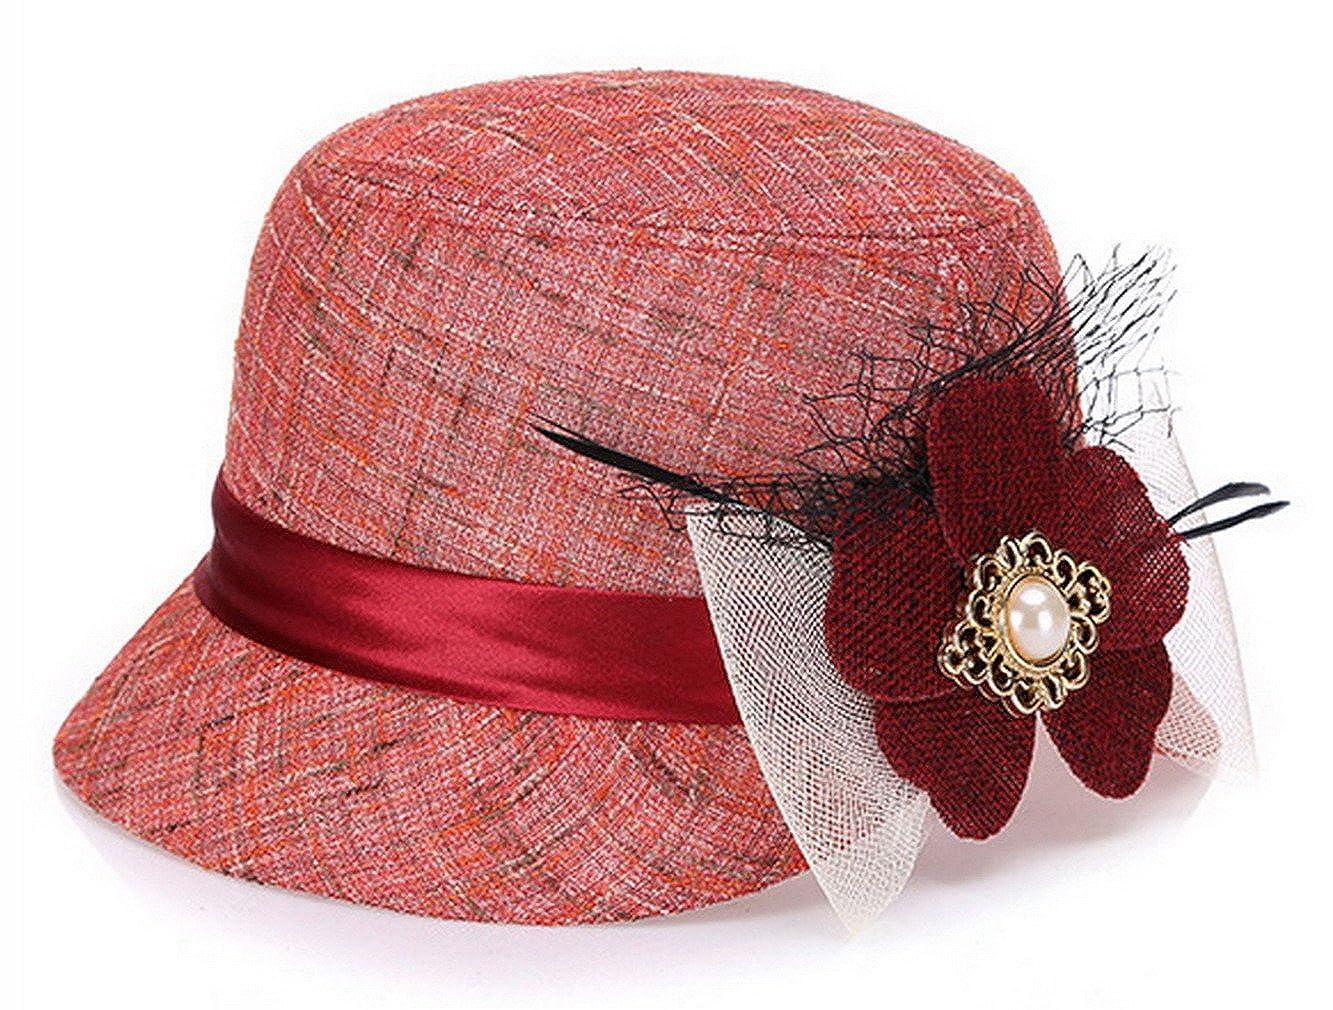 Lukis Women Flower Cloche Bowler Summer Sun Hat Church Tea Party